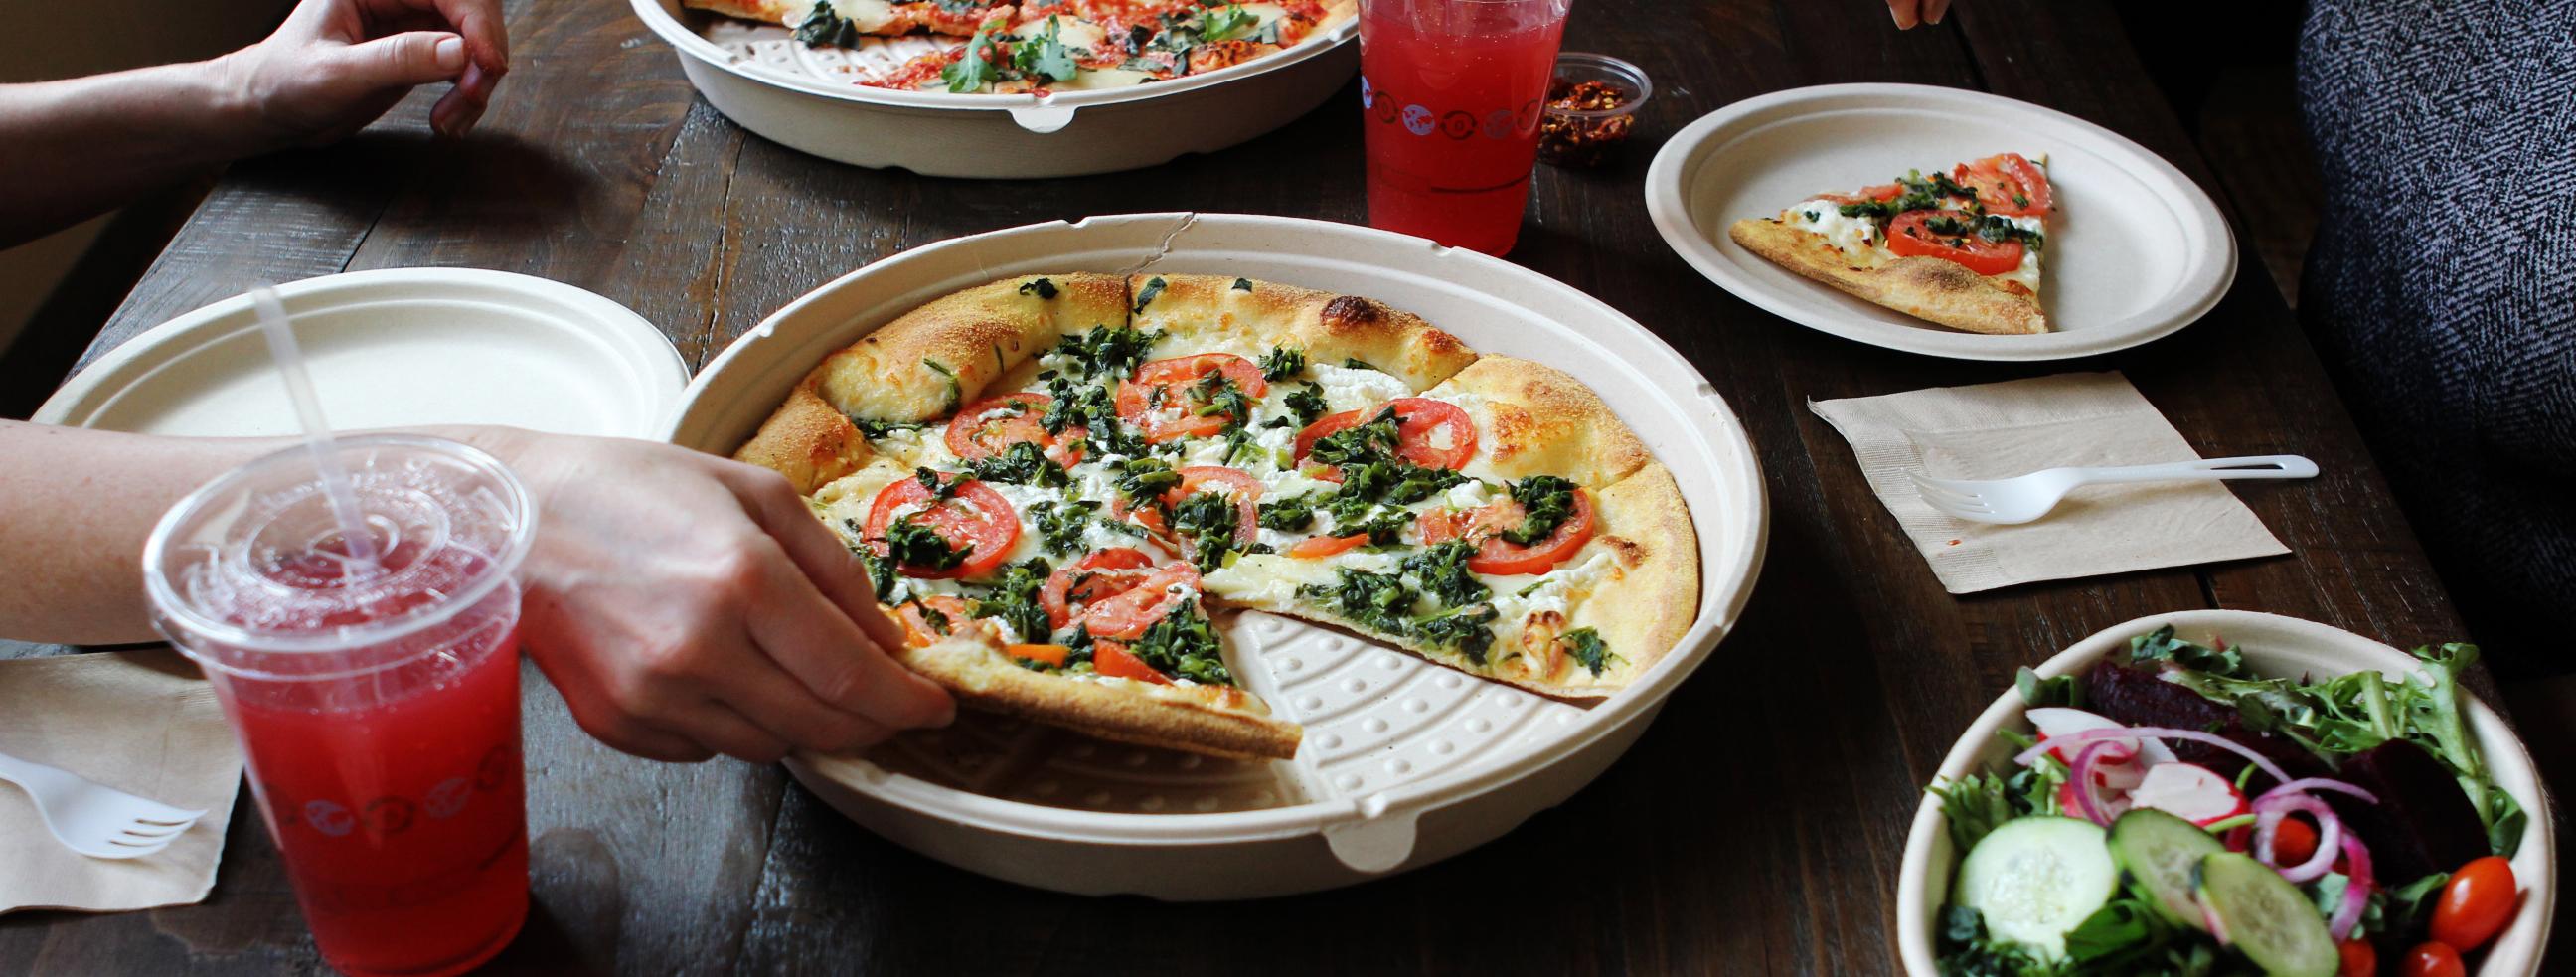 PizzaRound